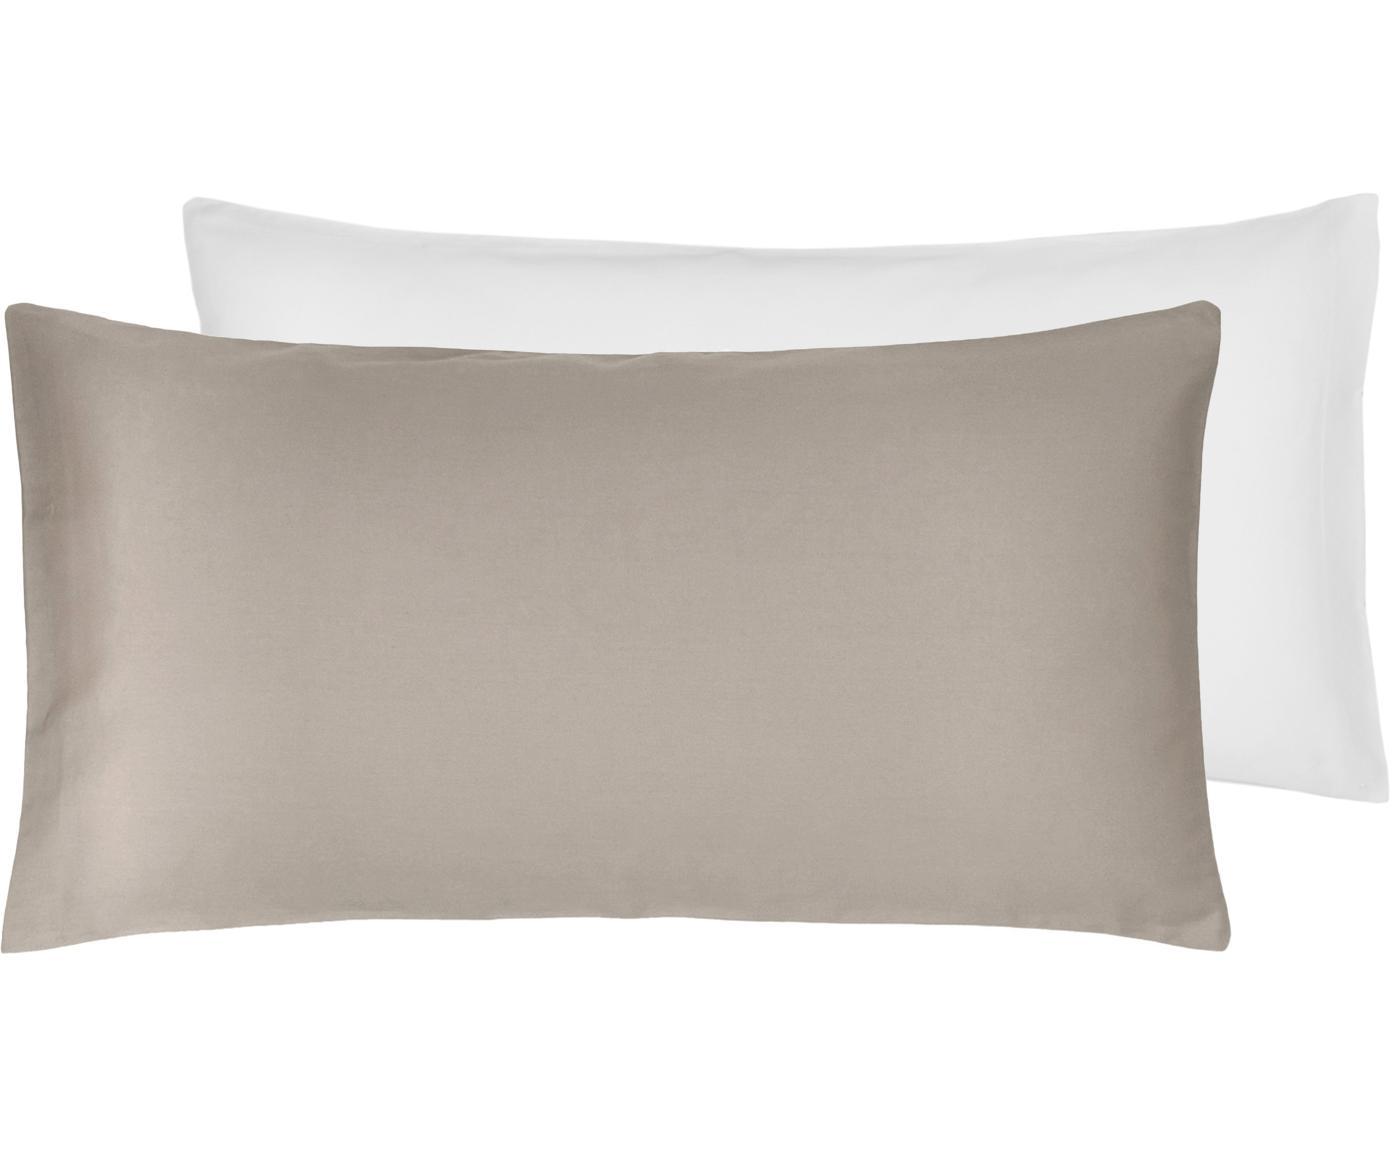 Dwustronna poszewka na poduszkę z satyny bawełnianej Julia, 2 szt., Biały, taupe, S 40 x D 80 cm